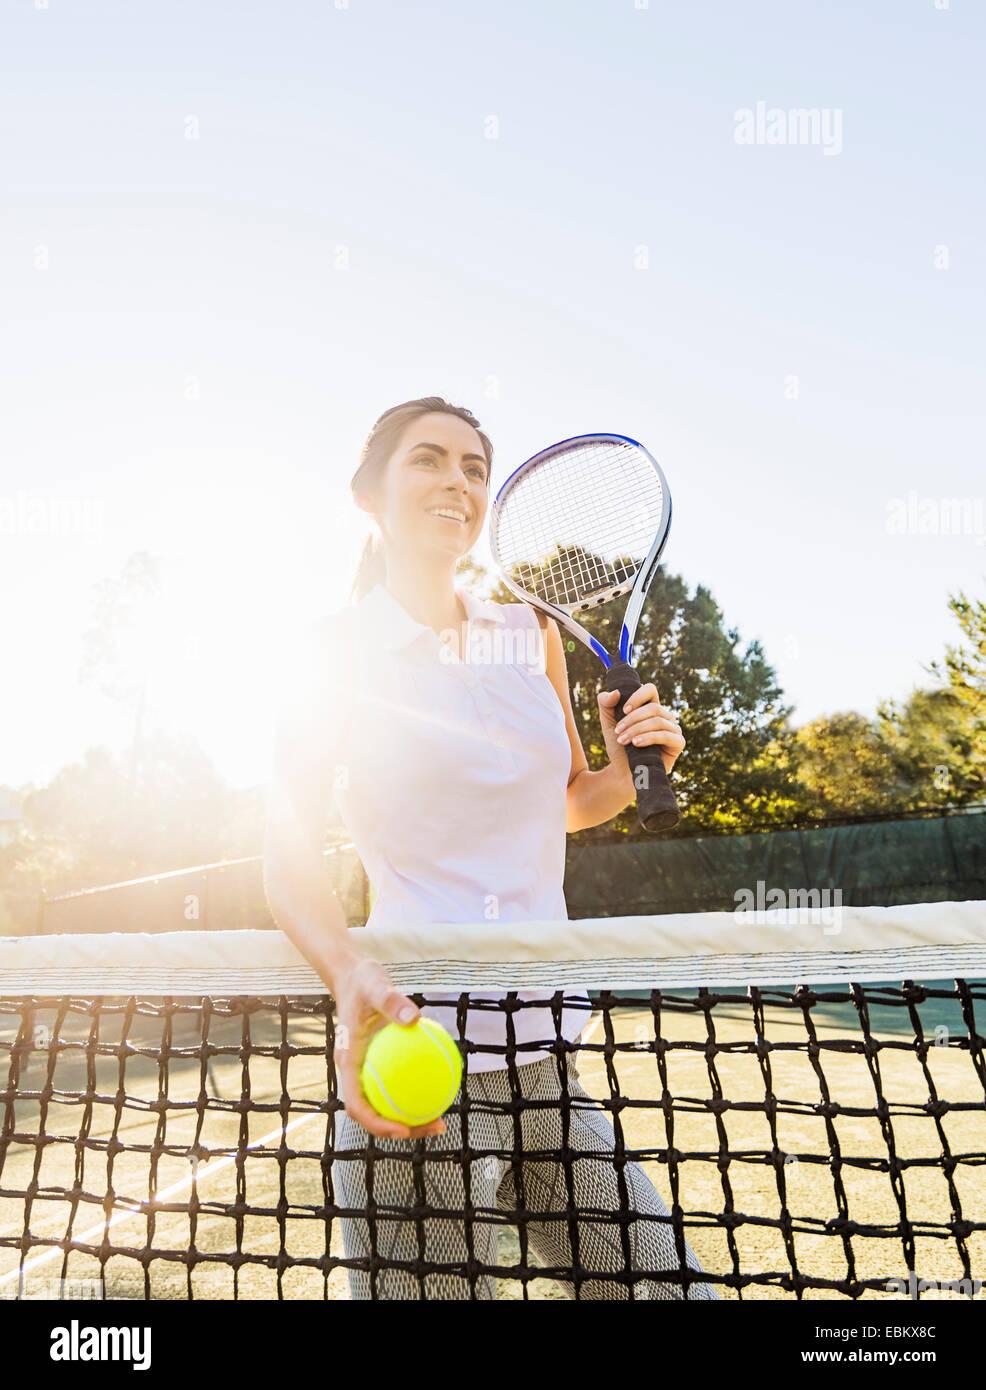 Stati Uniti d'America, Florida, Giove, Ritratto di giovane donna in piedi da net, tenendo palla da tennis e Immagini Stock